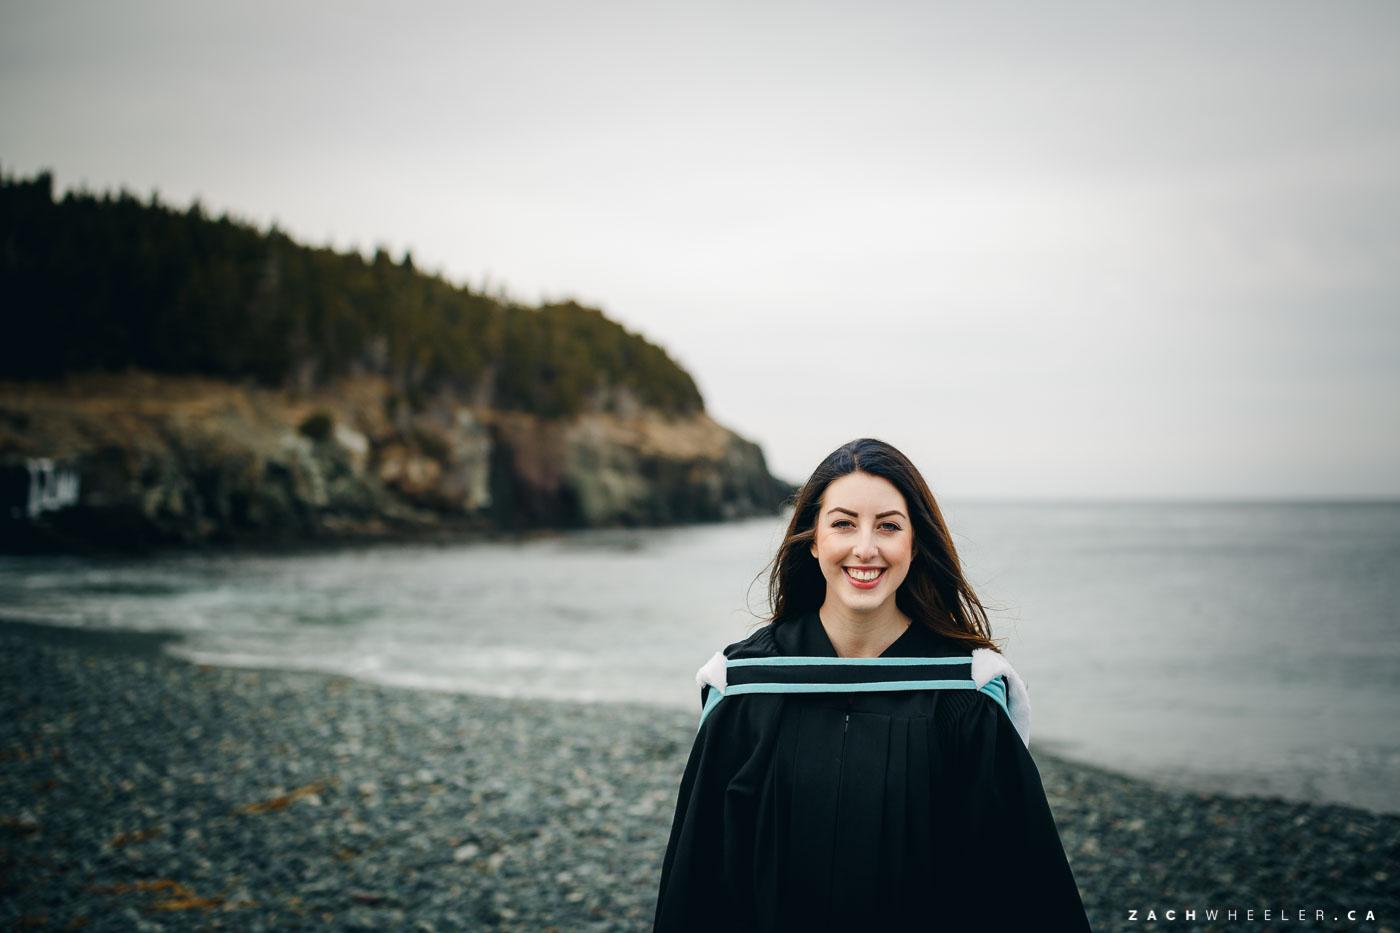 MUN-Graduation-Photographer-Outdoor-6